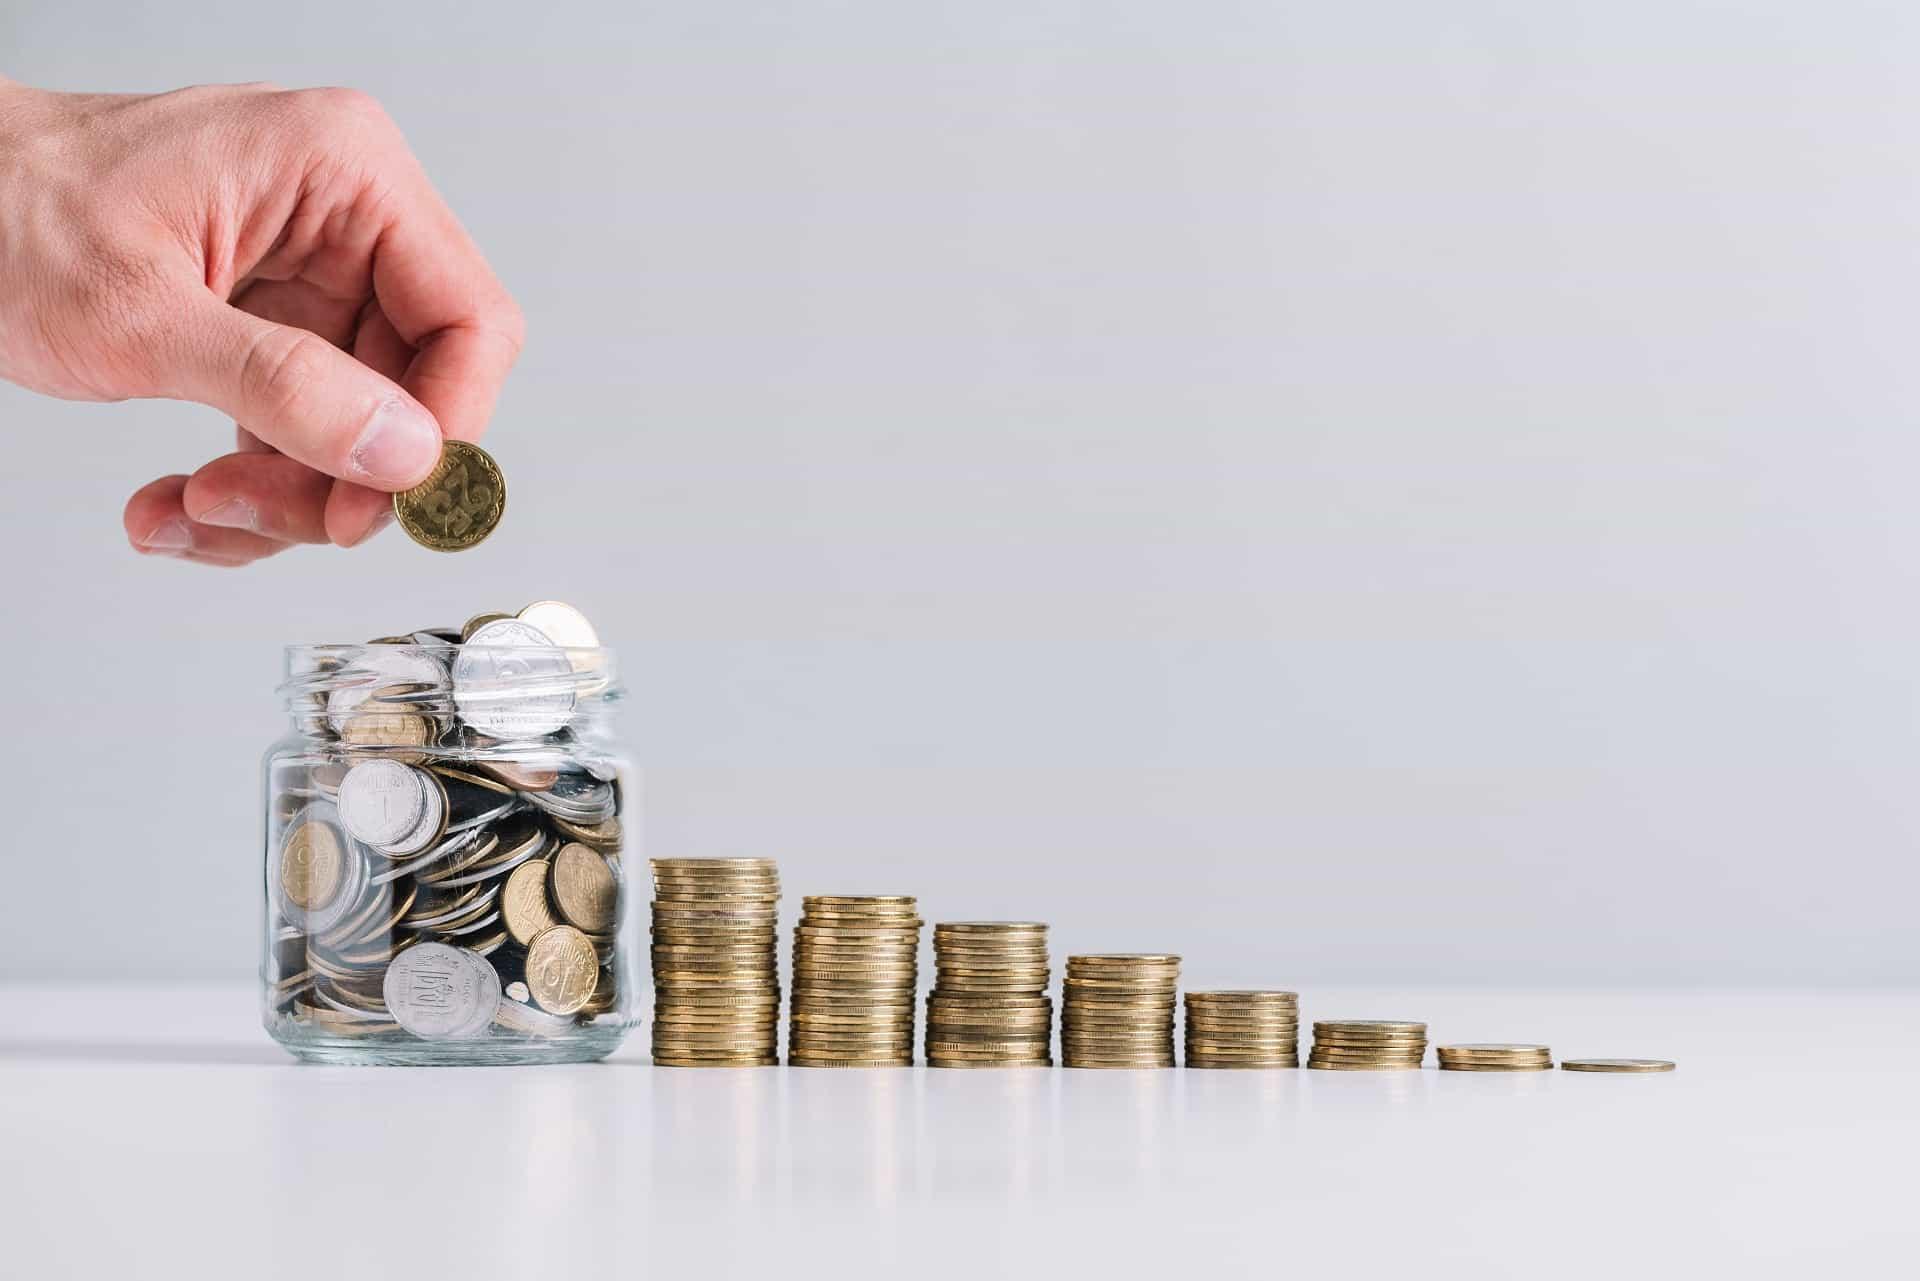 rentas exentas de tributar en el irpf